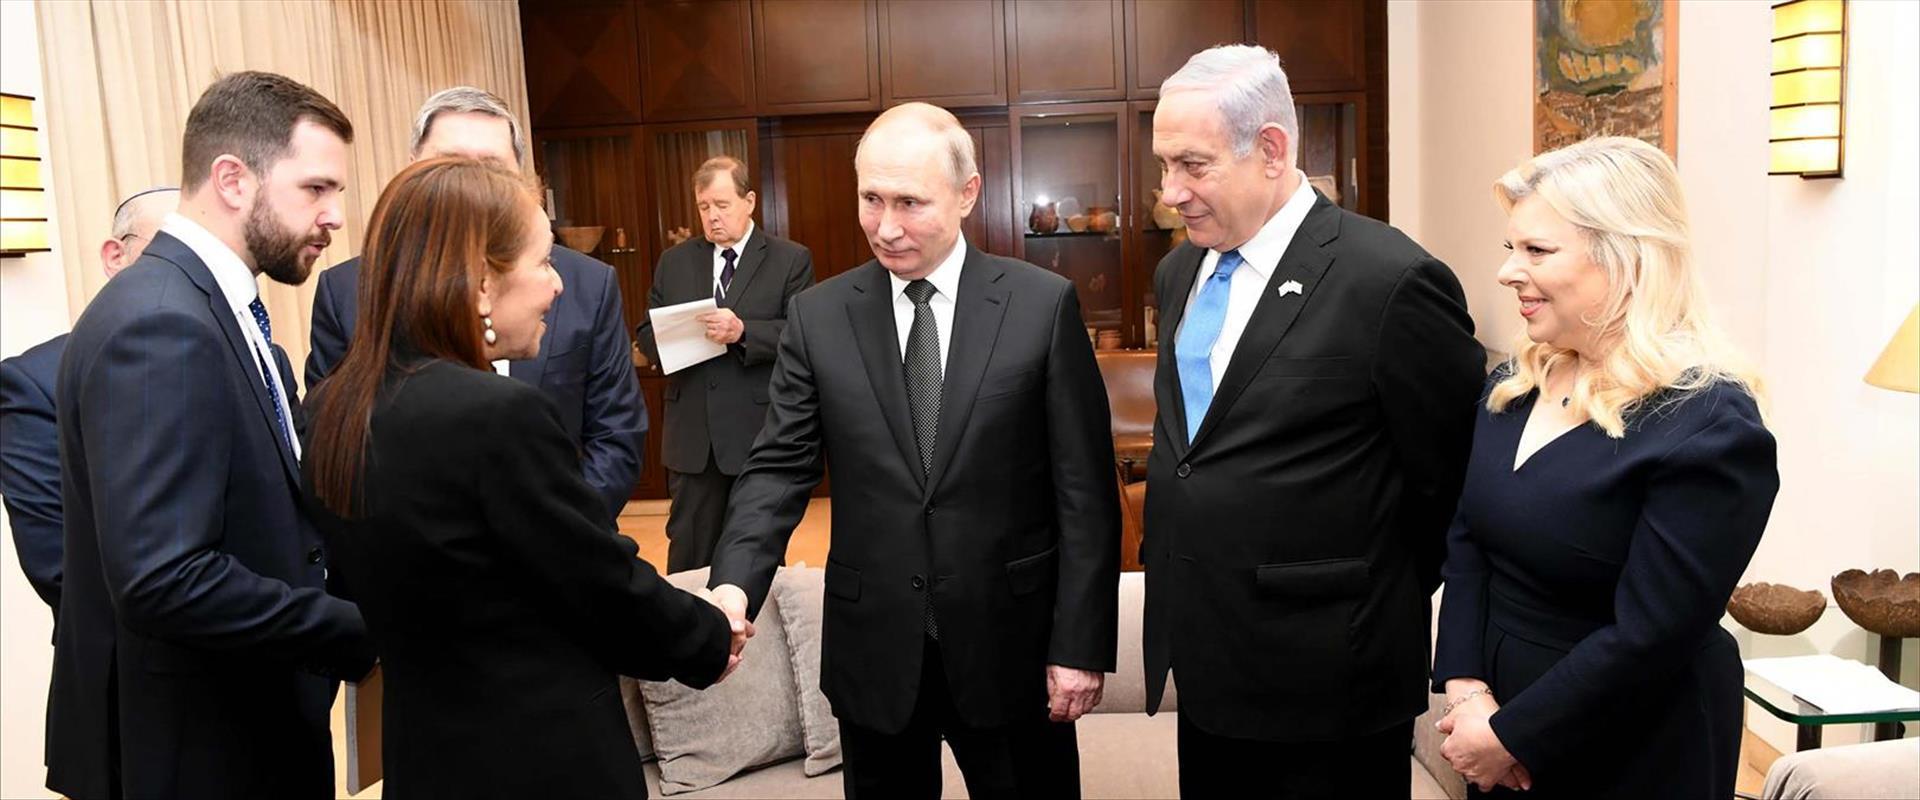 יפה יששכר והנשיא פוטין, היום